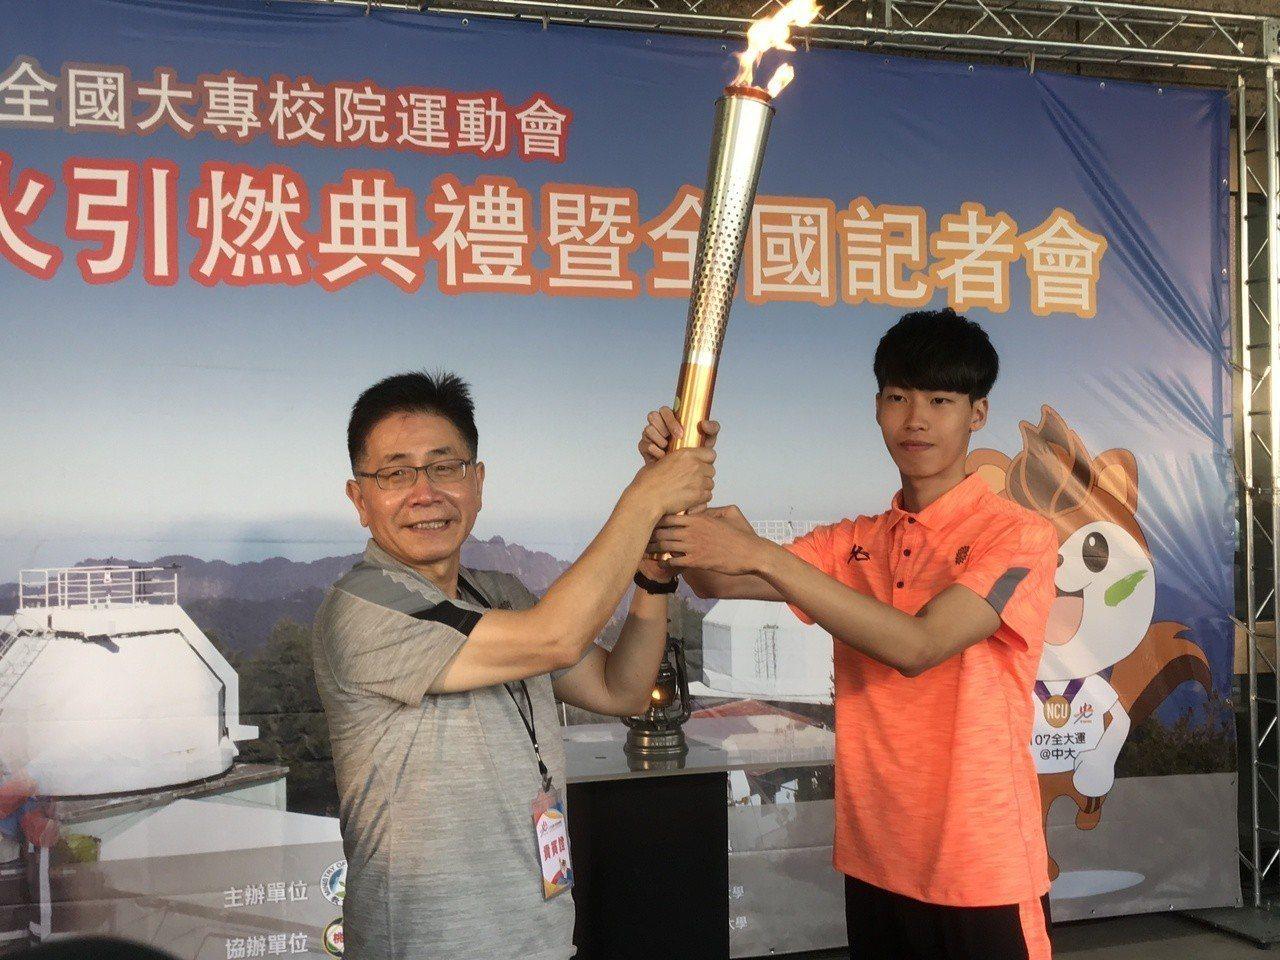 中央大學校長周景揚(左)將聖火交到聖火隊手上。記者毛琬婷/攝影